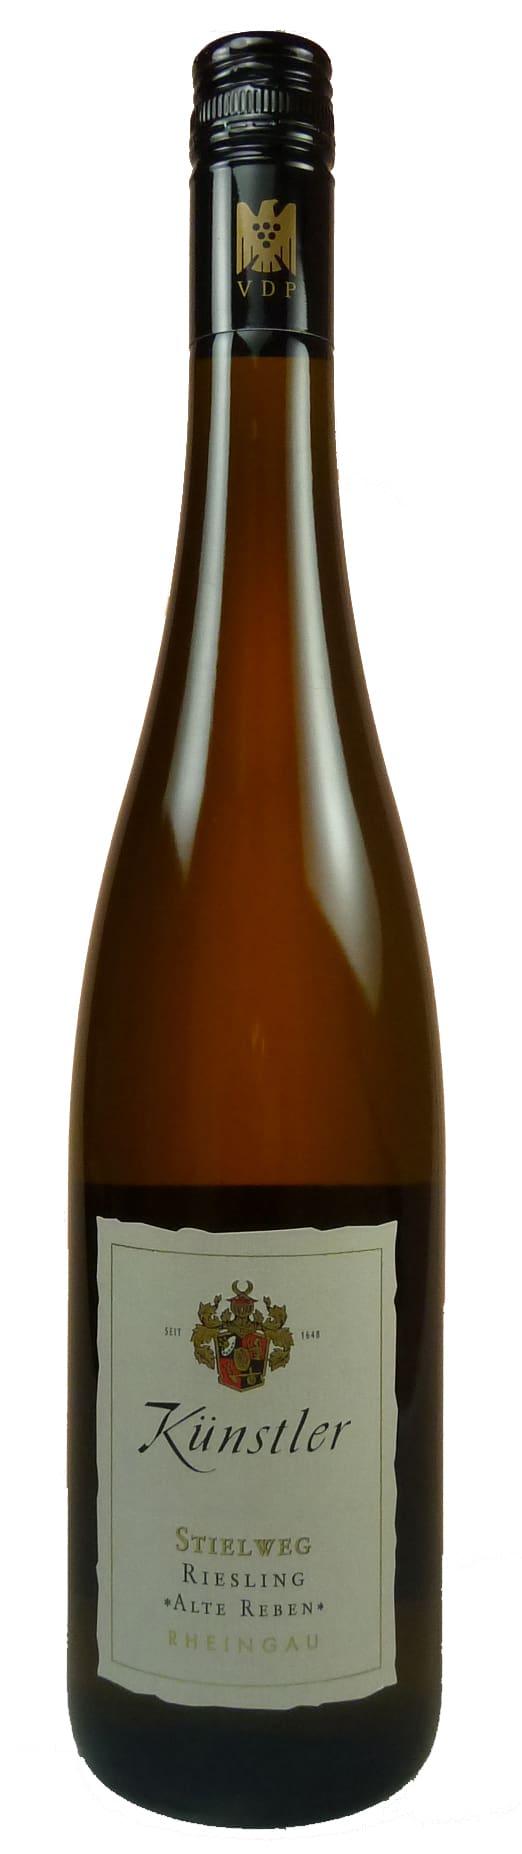 Hochheimer Stielweg Alte Reben Riesling Qualitätswein trocken 2017